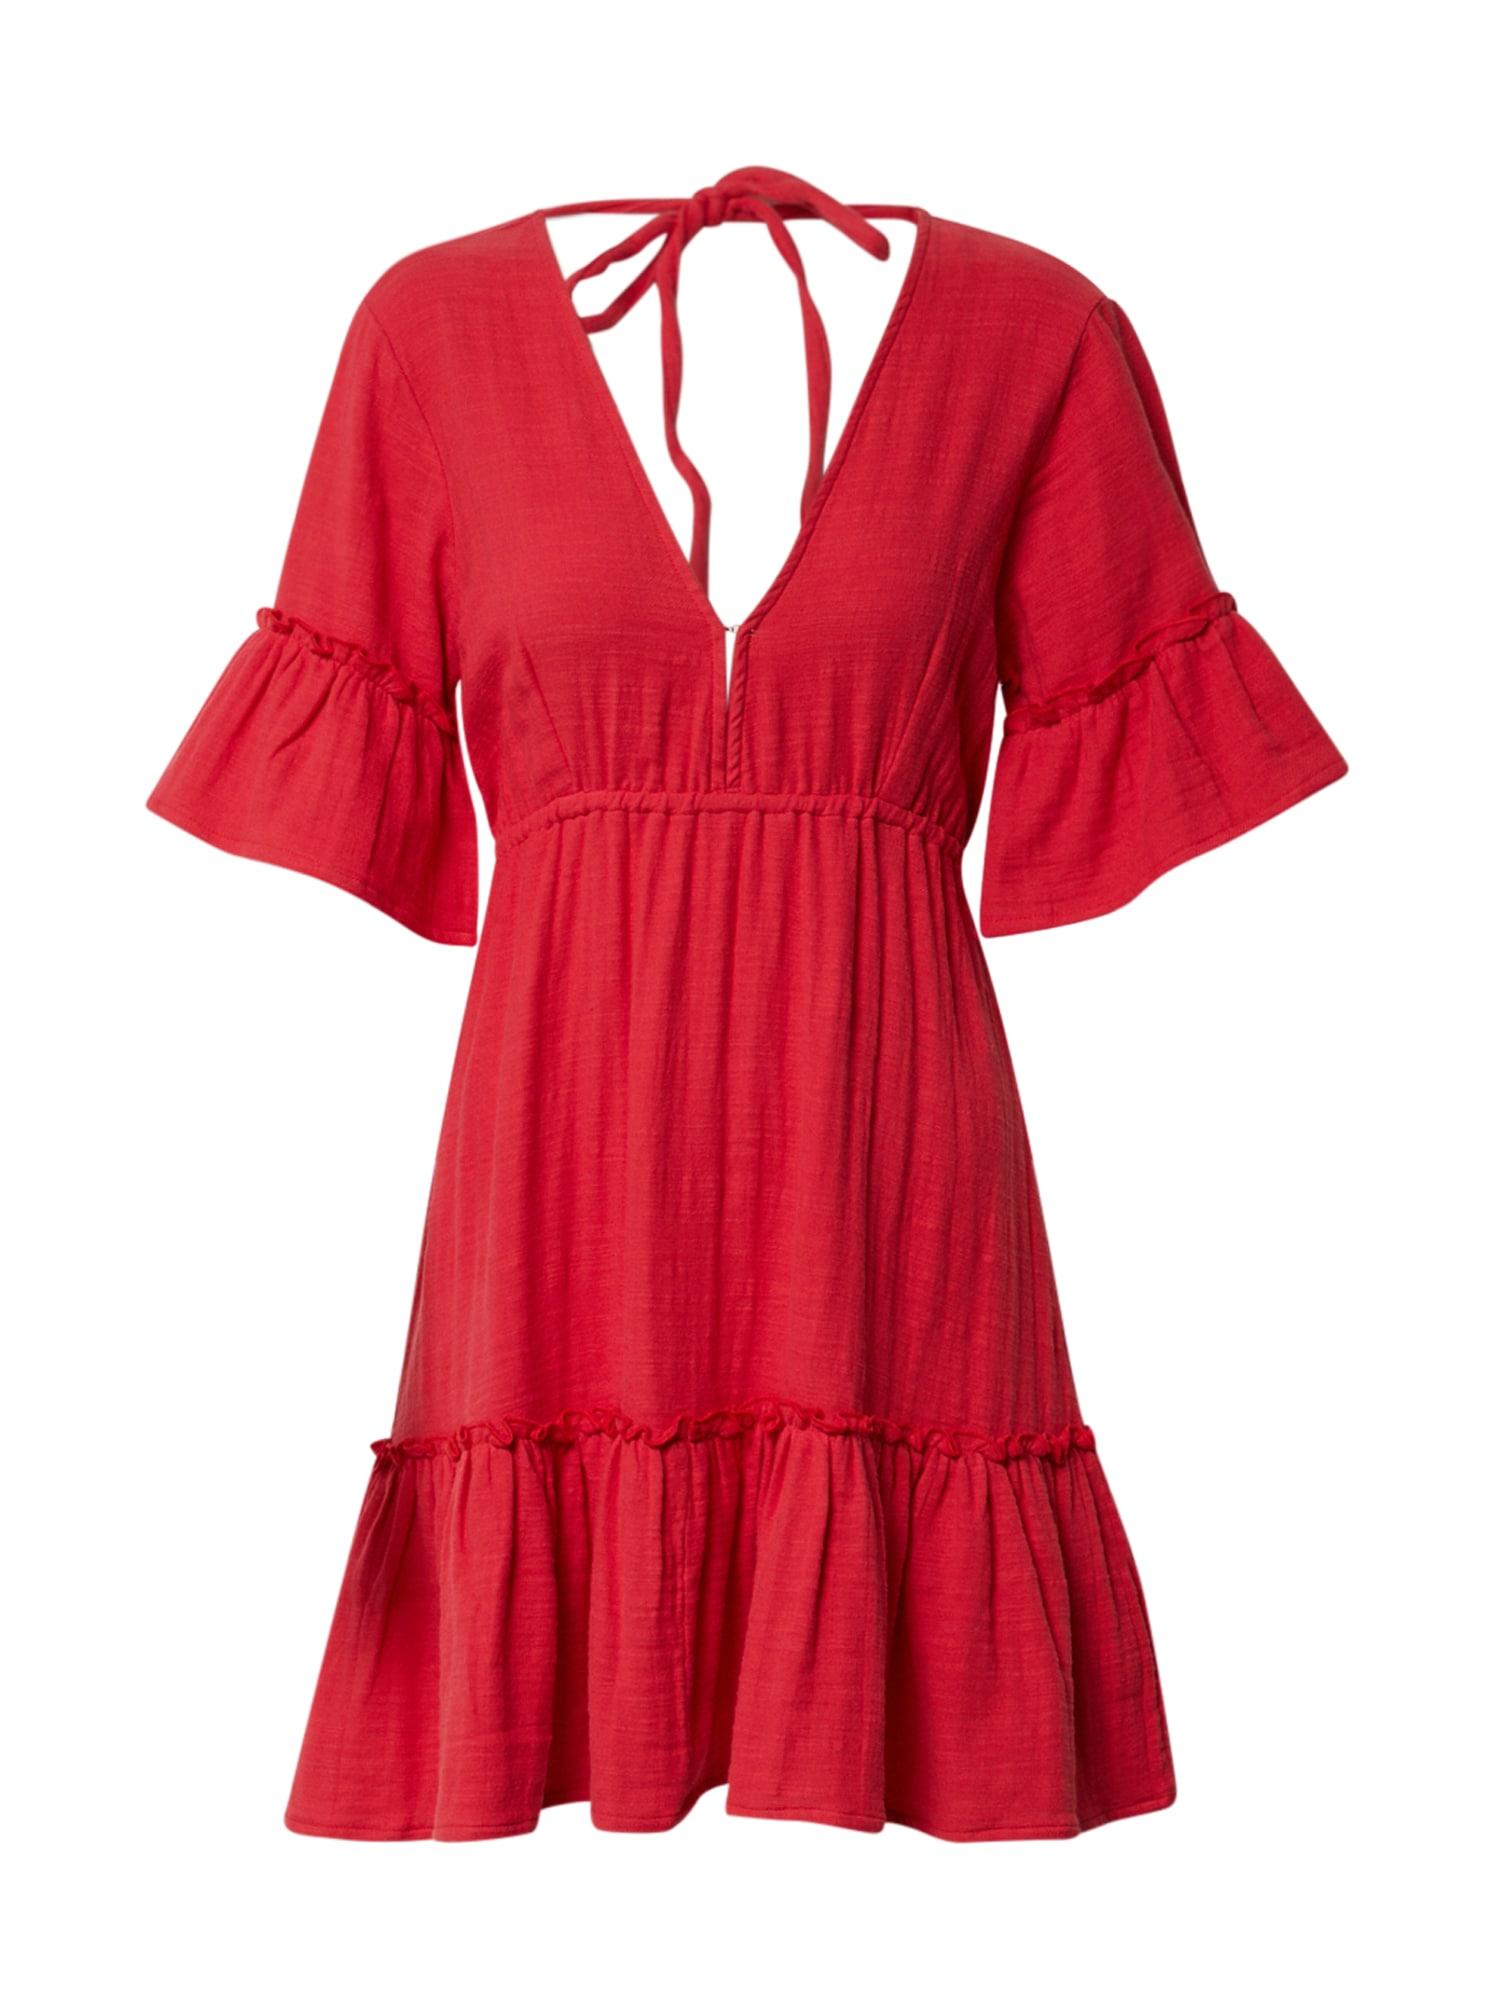 BILLABONG Vasarinė suknelė 'Lovers wish' raudona